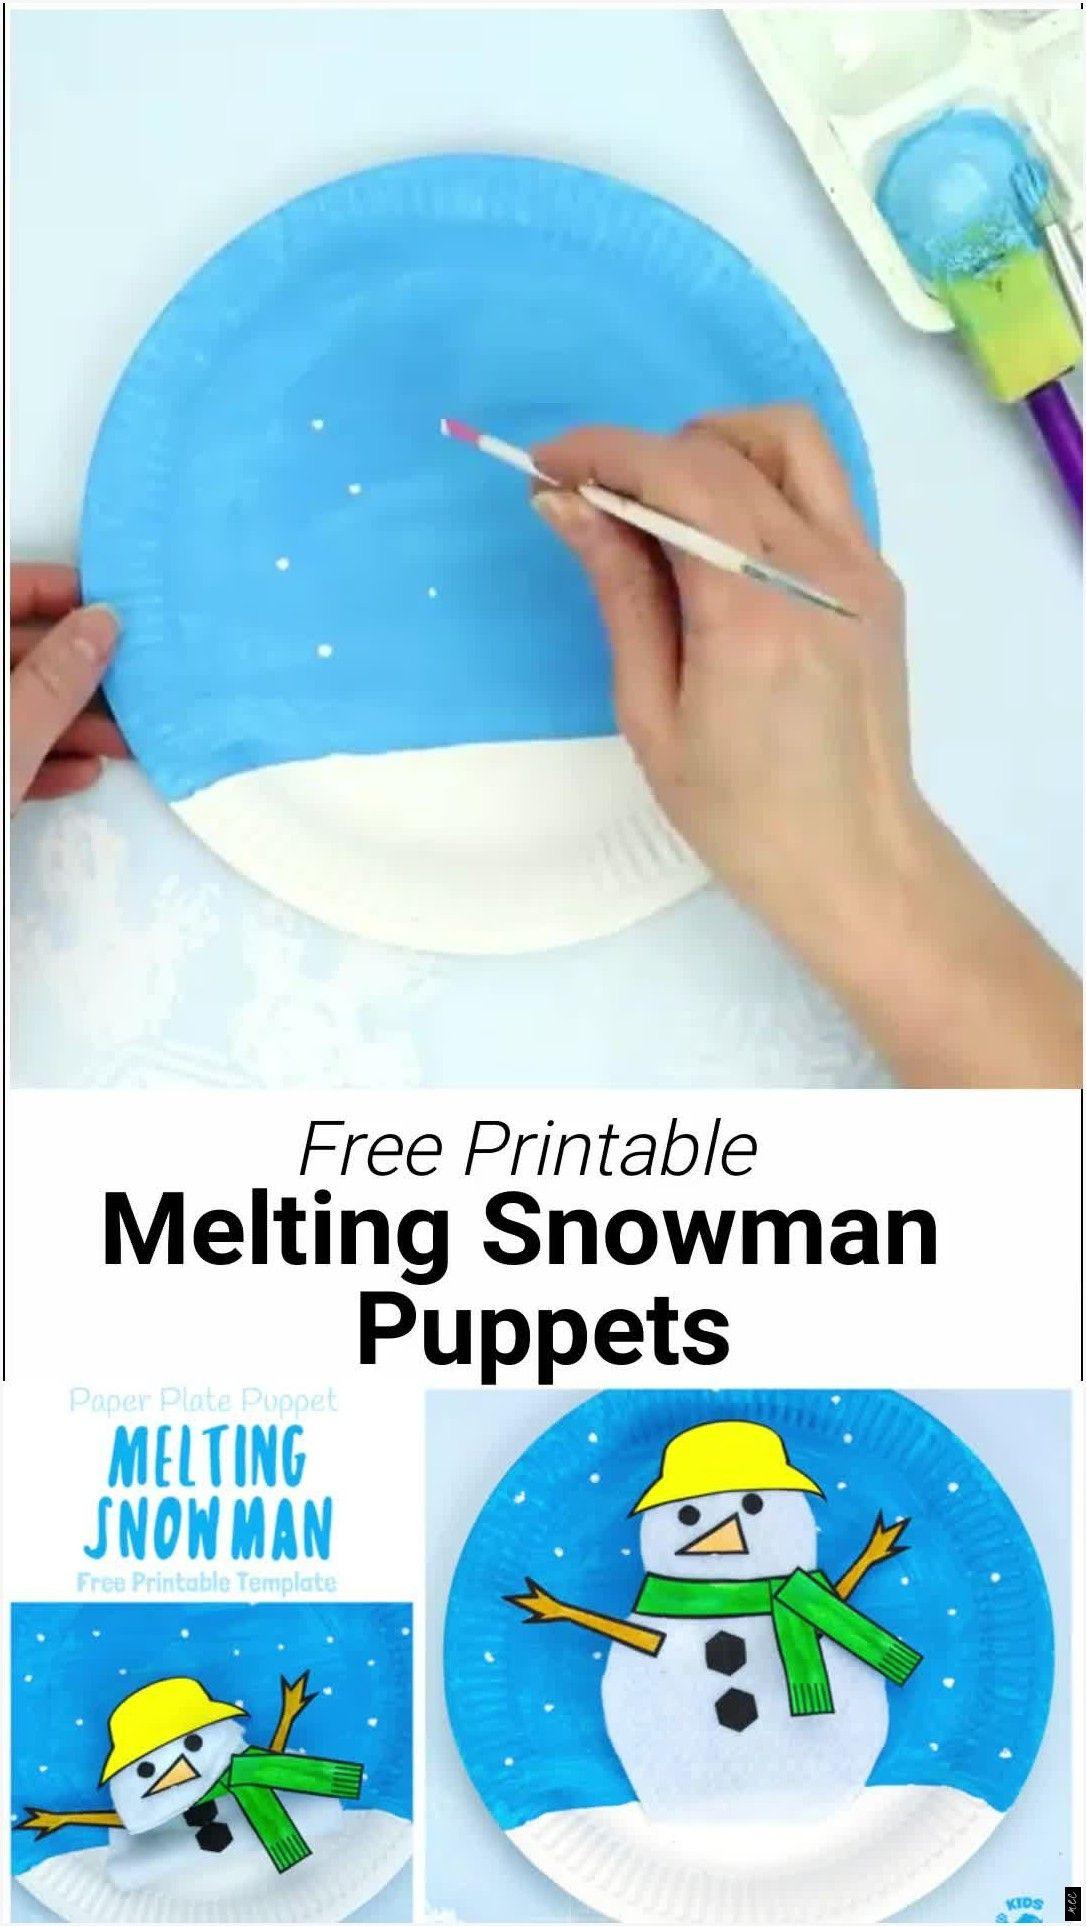 Diese Pappteller schmelzende Schneemann-Marionette ist entzückend! Verwenden Sie die druckbare Vorlage, um einen Schneemann zu erstellen, der zu Boden schmelzen und wieder auftauchen kann! #Pappteller #Schneemann #Marionette #schmelzen #bonhommedeneige